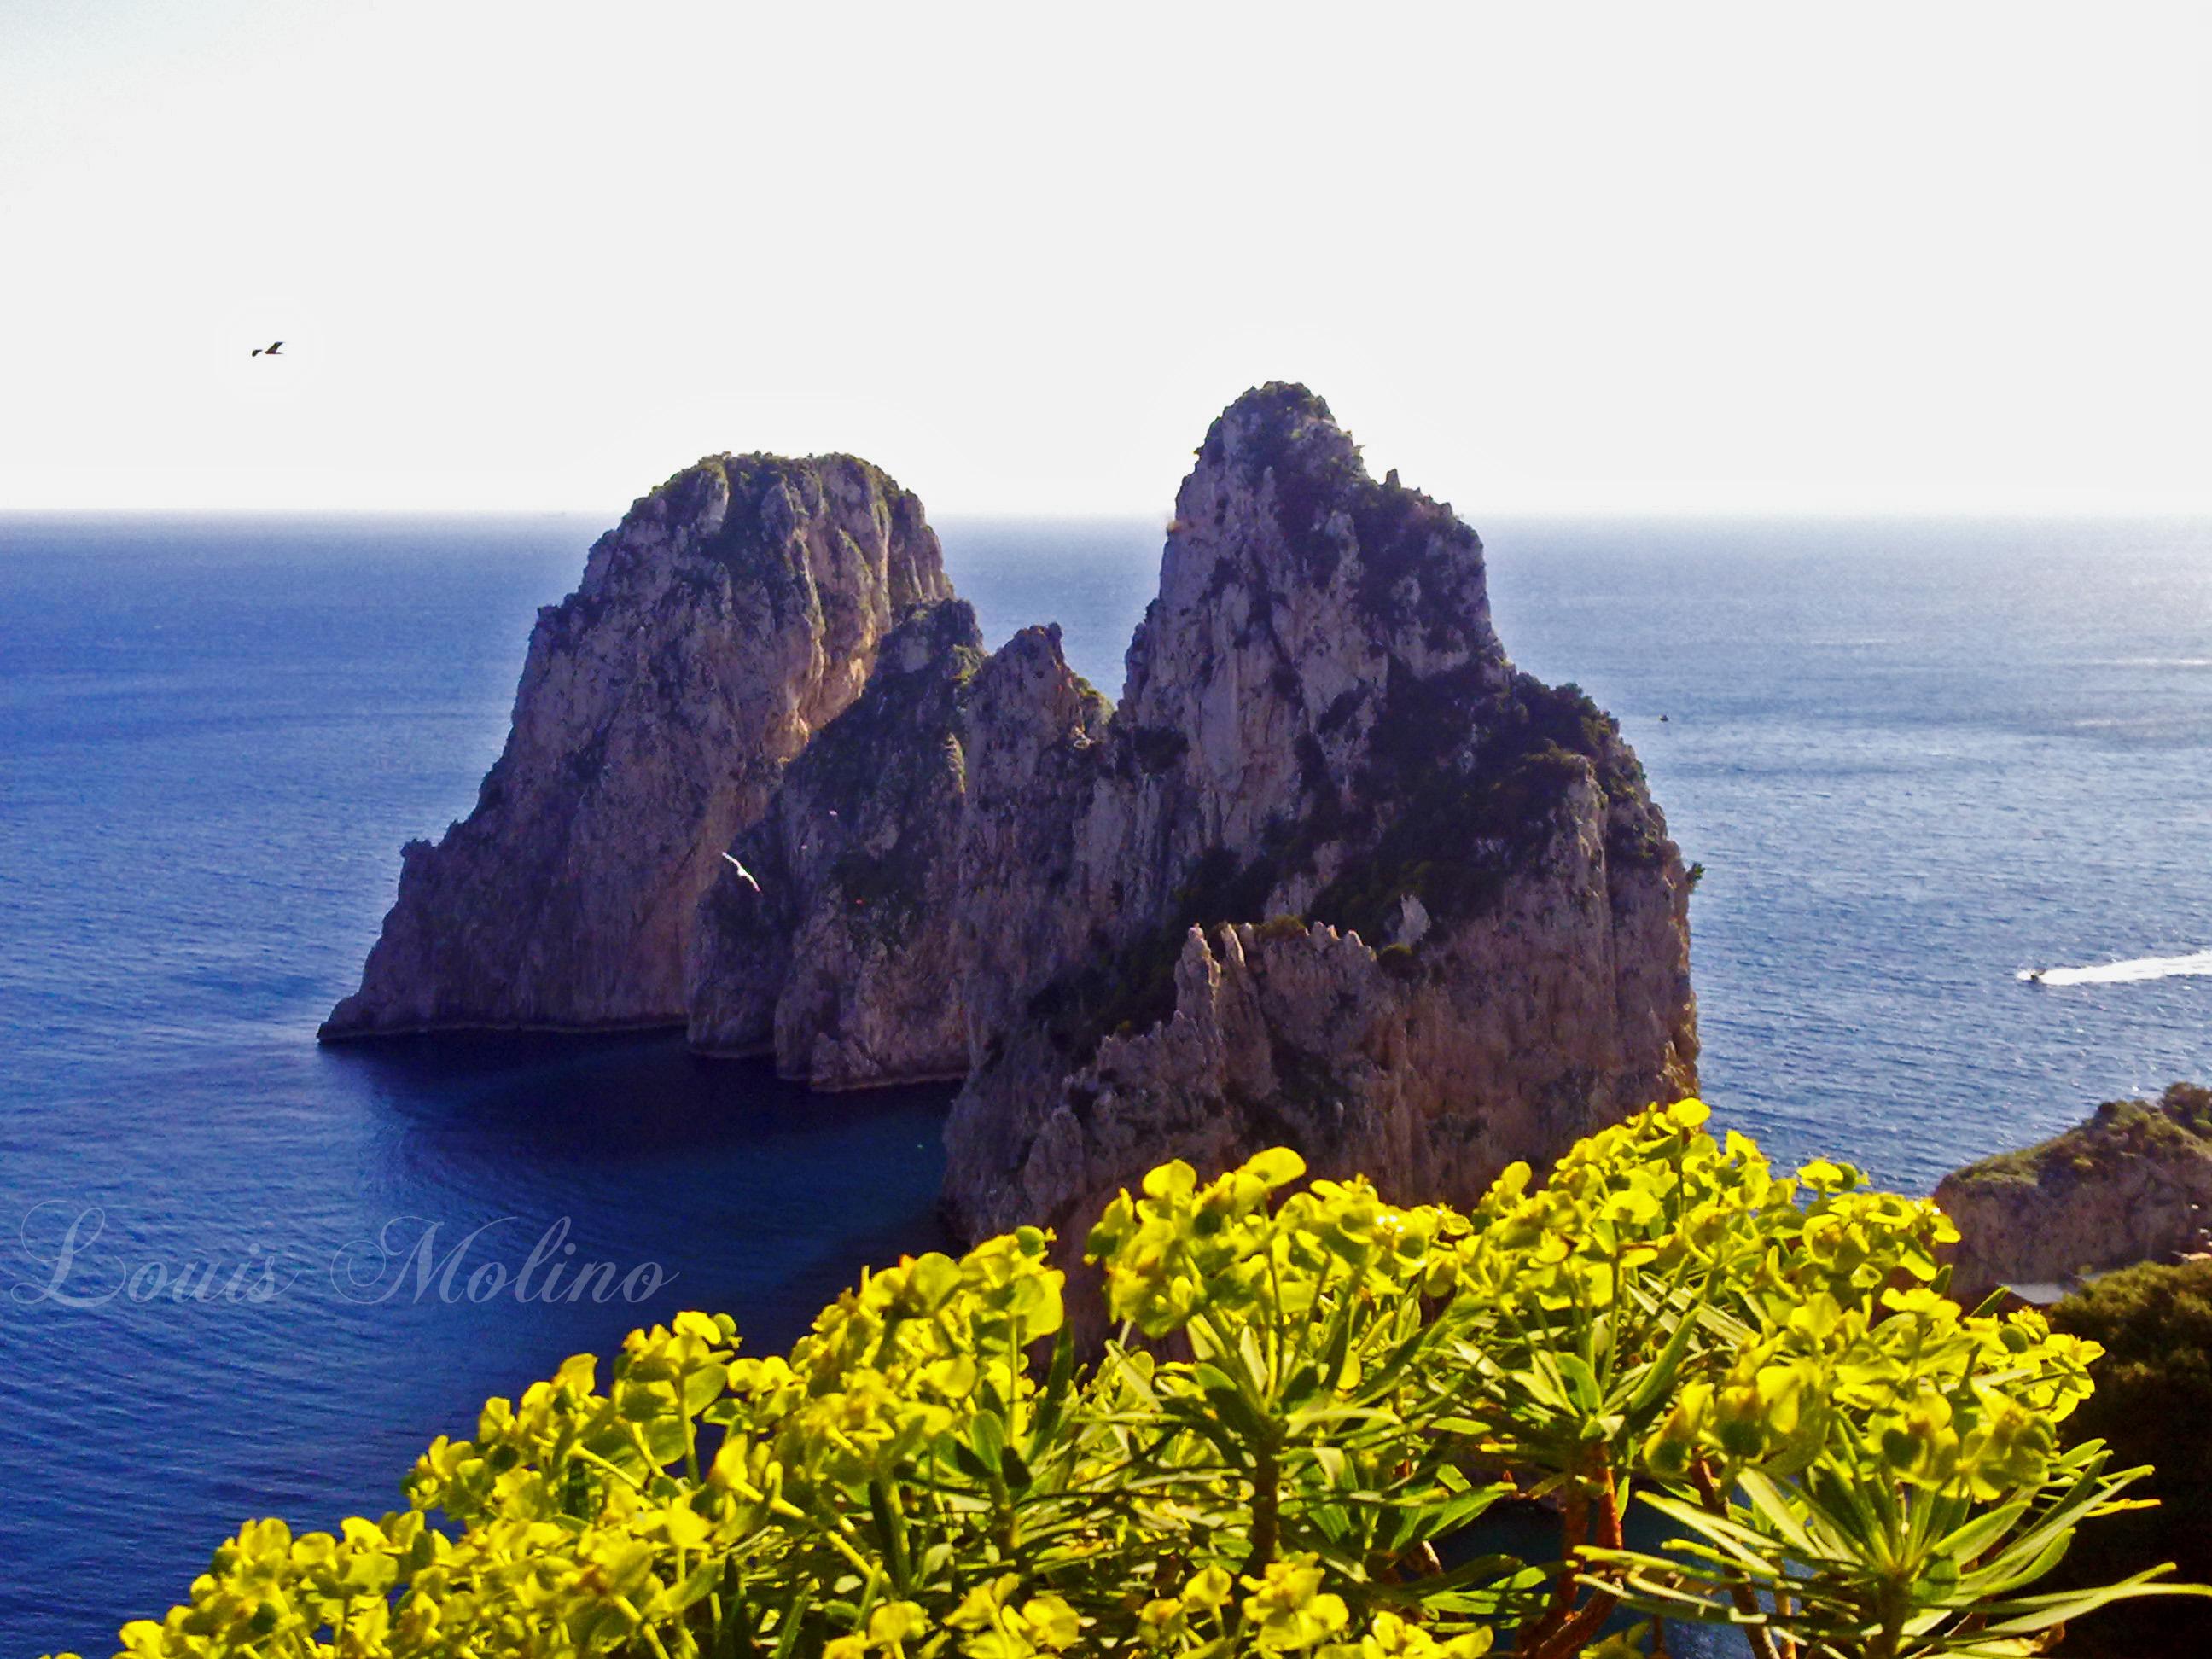 Regolamenti: A Capri Siepi basse per non impedire la vista delle bellezze dell'isola